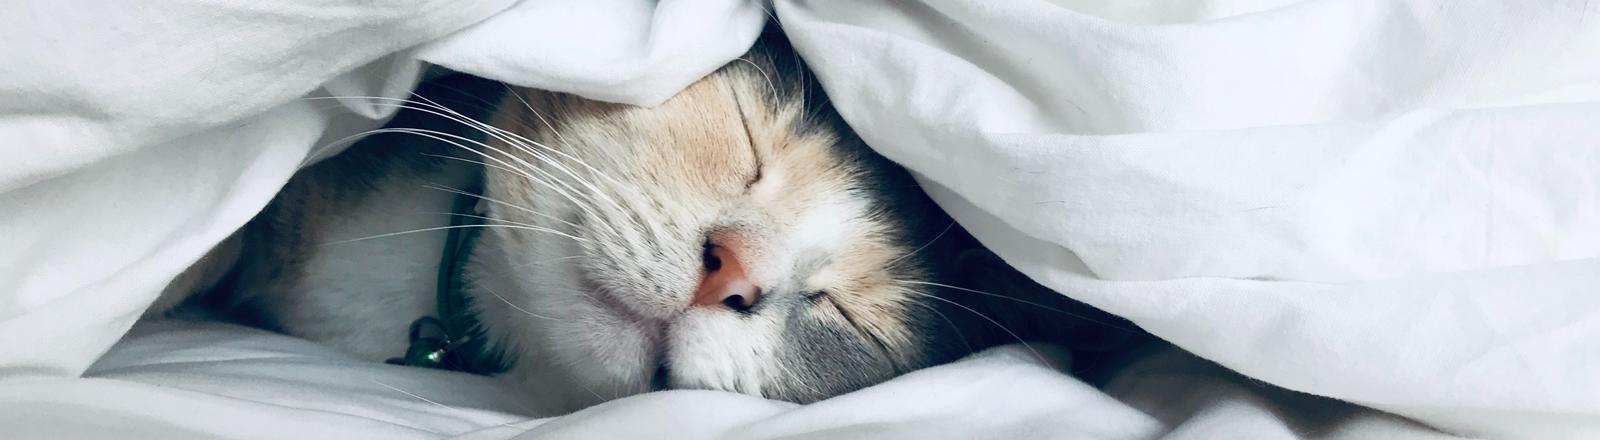 Eine Katze liegt schlafend unter einer weißen Bettdecke.